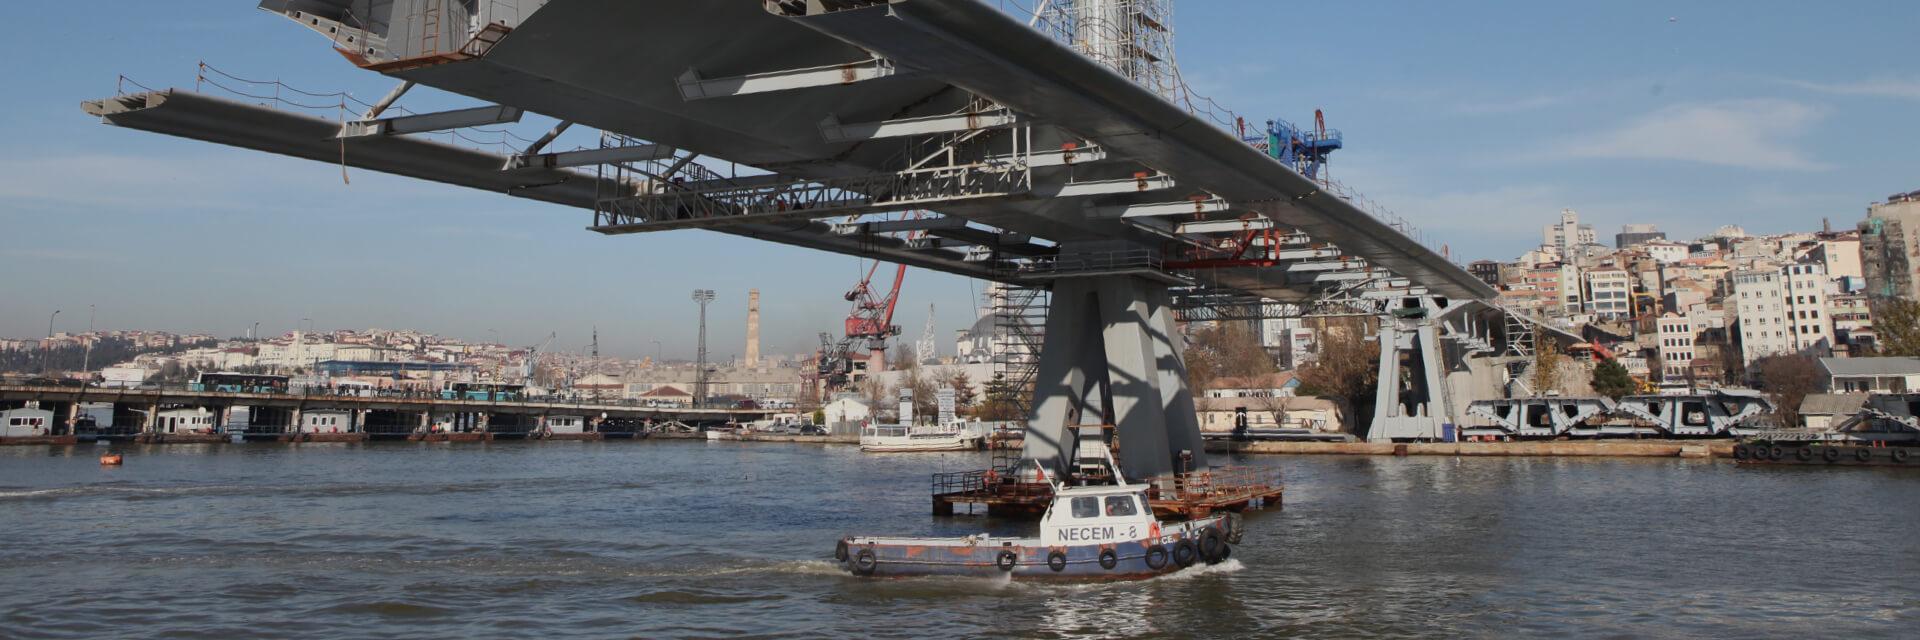 Инспекция мостов Получайте полное представление о состоянии сложных конструкций, не приближаясь к ним.